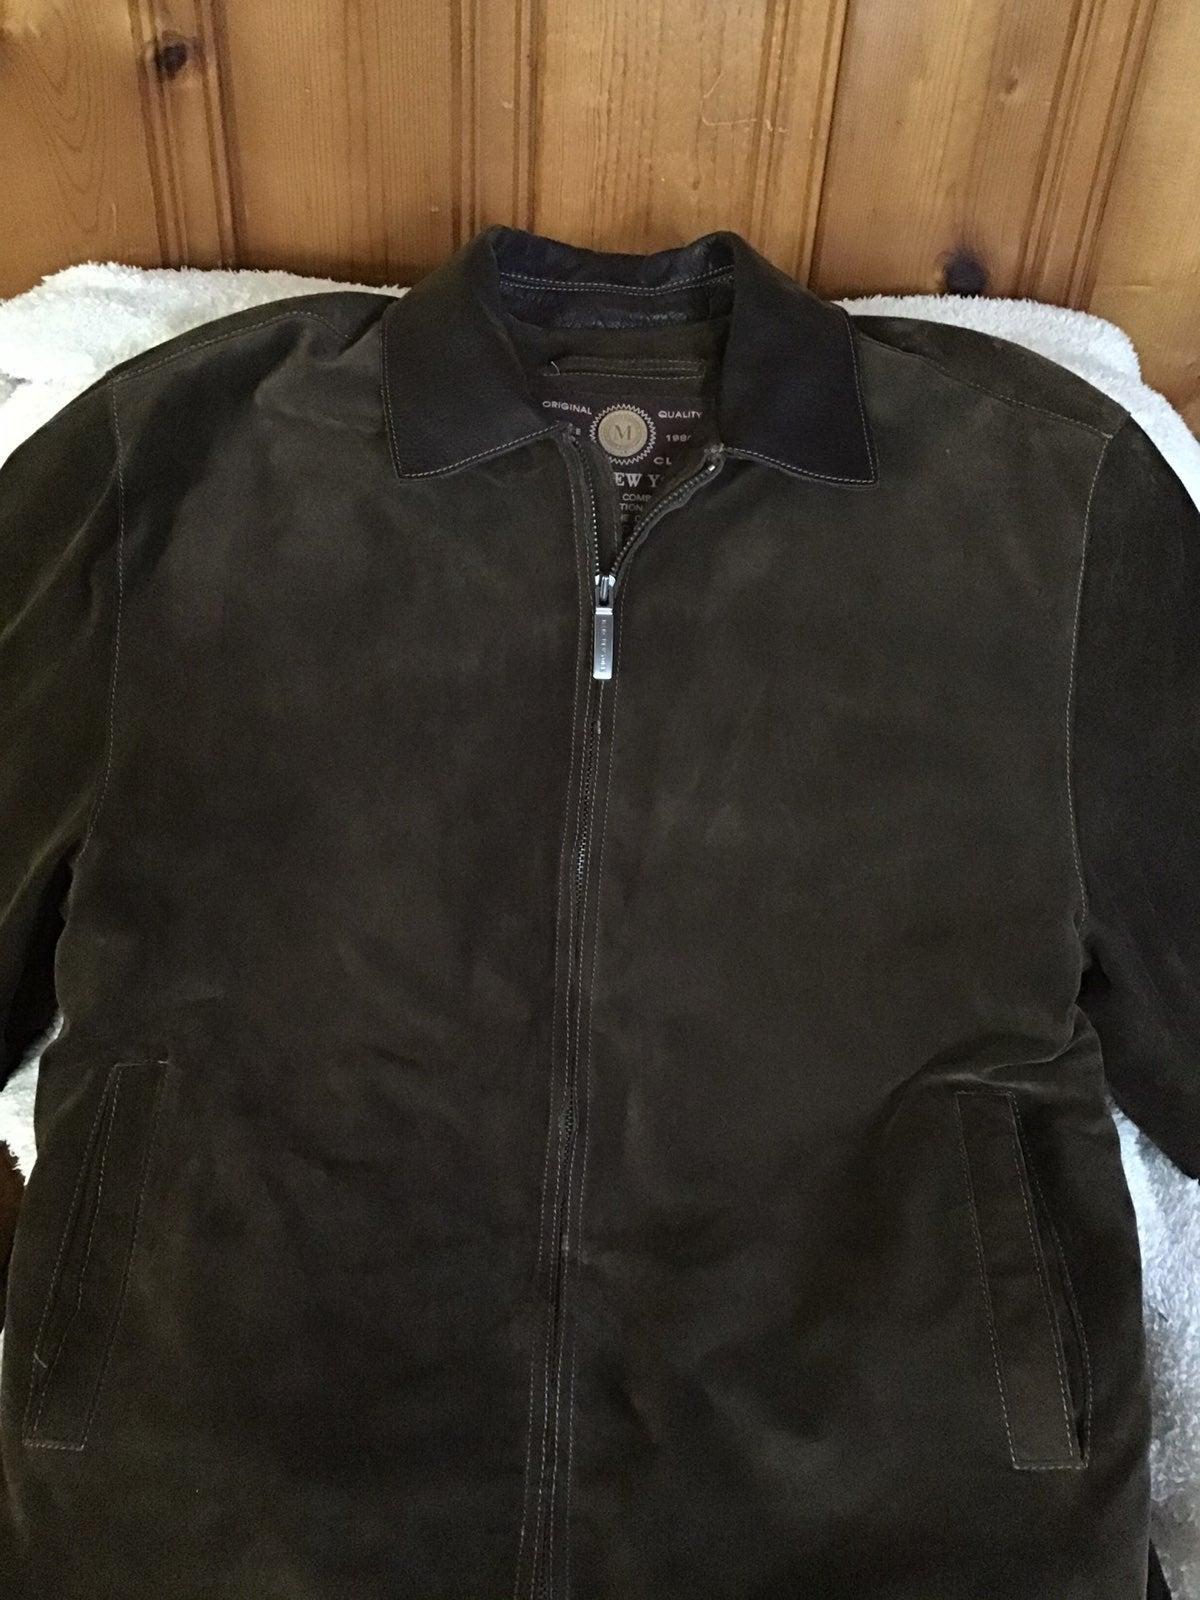 Vintage Anthony marc leathet coat